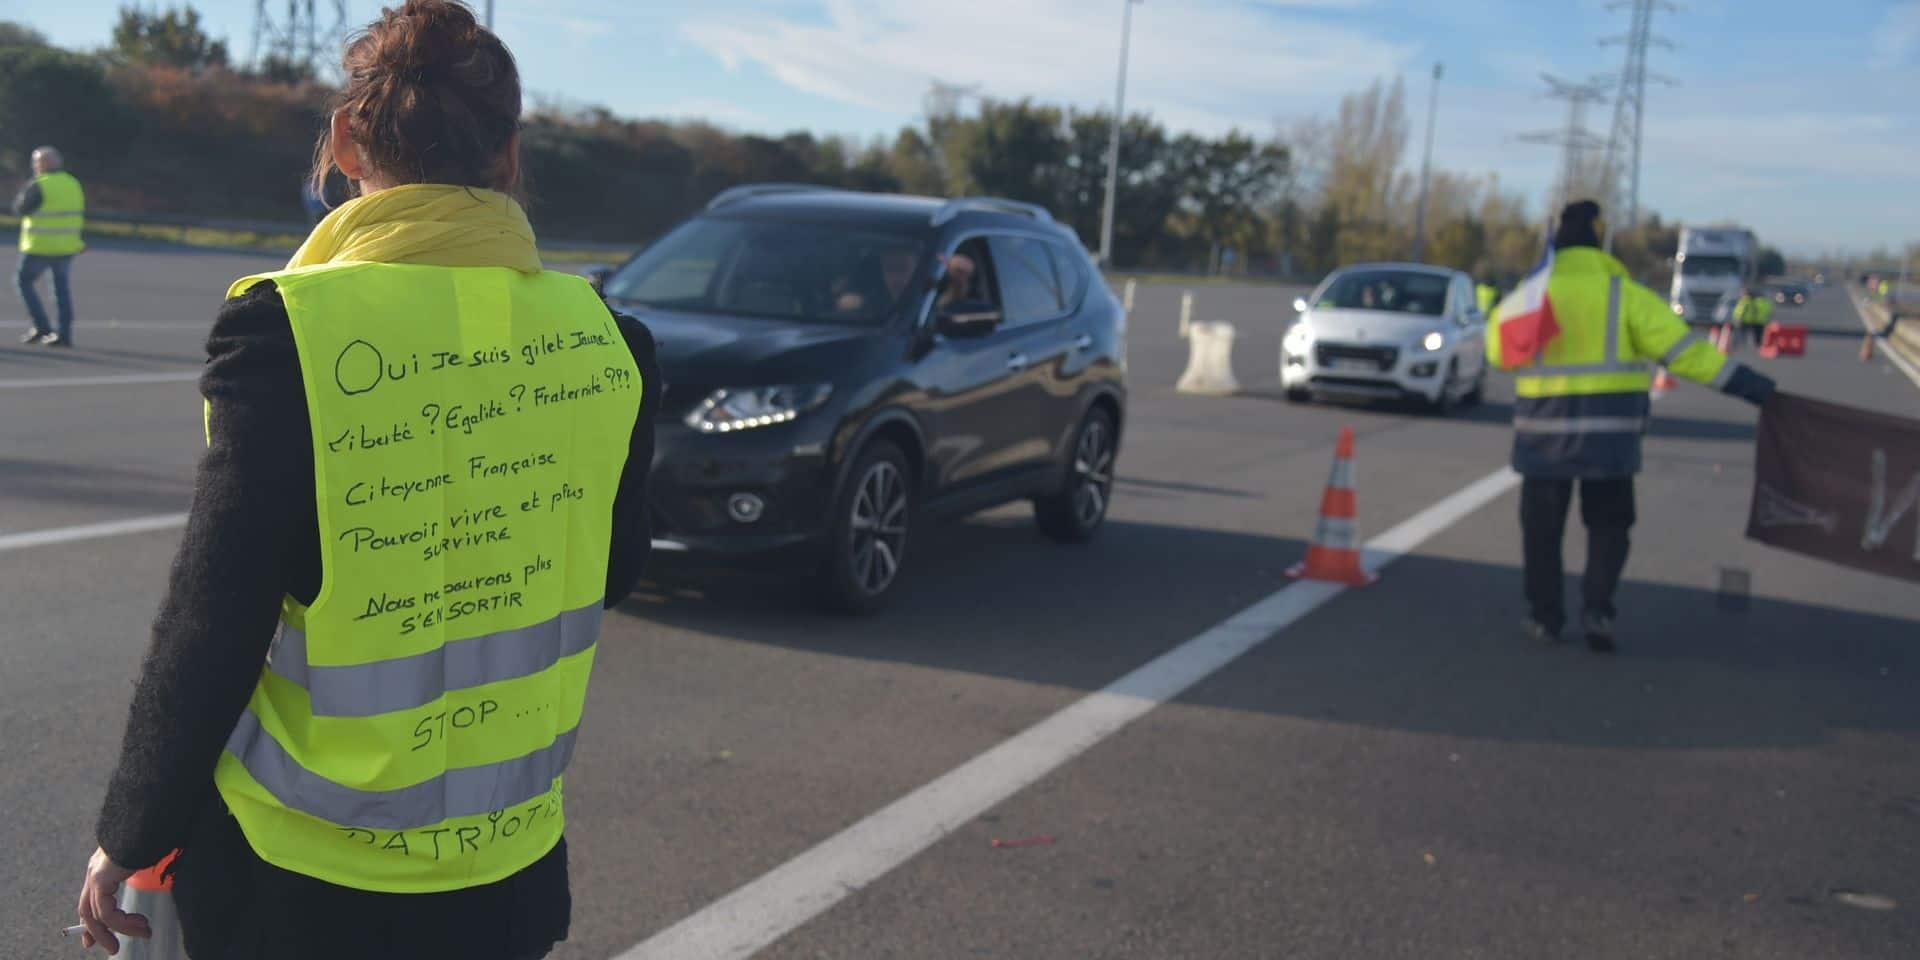 """Des """"gilets jaunes"""" dénoncent des migrants cachés dans un camion aux gendarmes"""